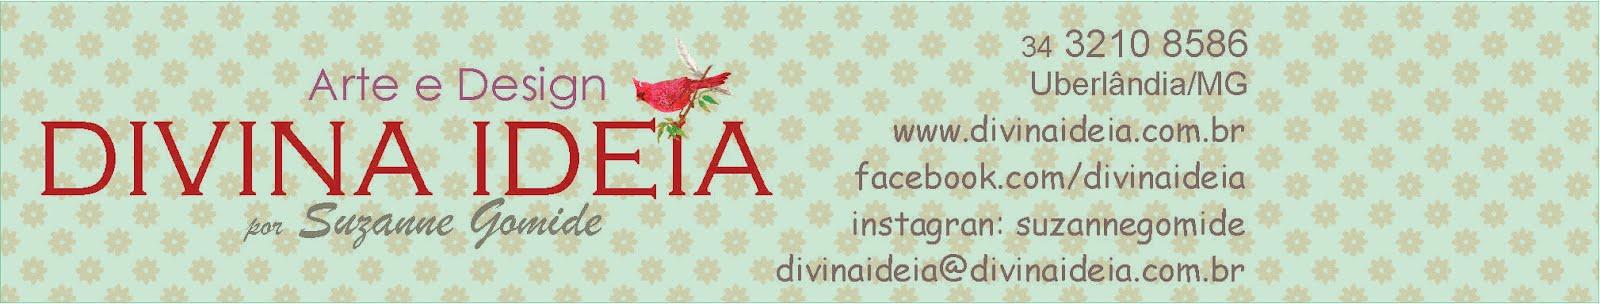 Divina Idéia - Arte e Design